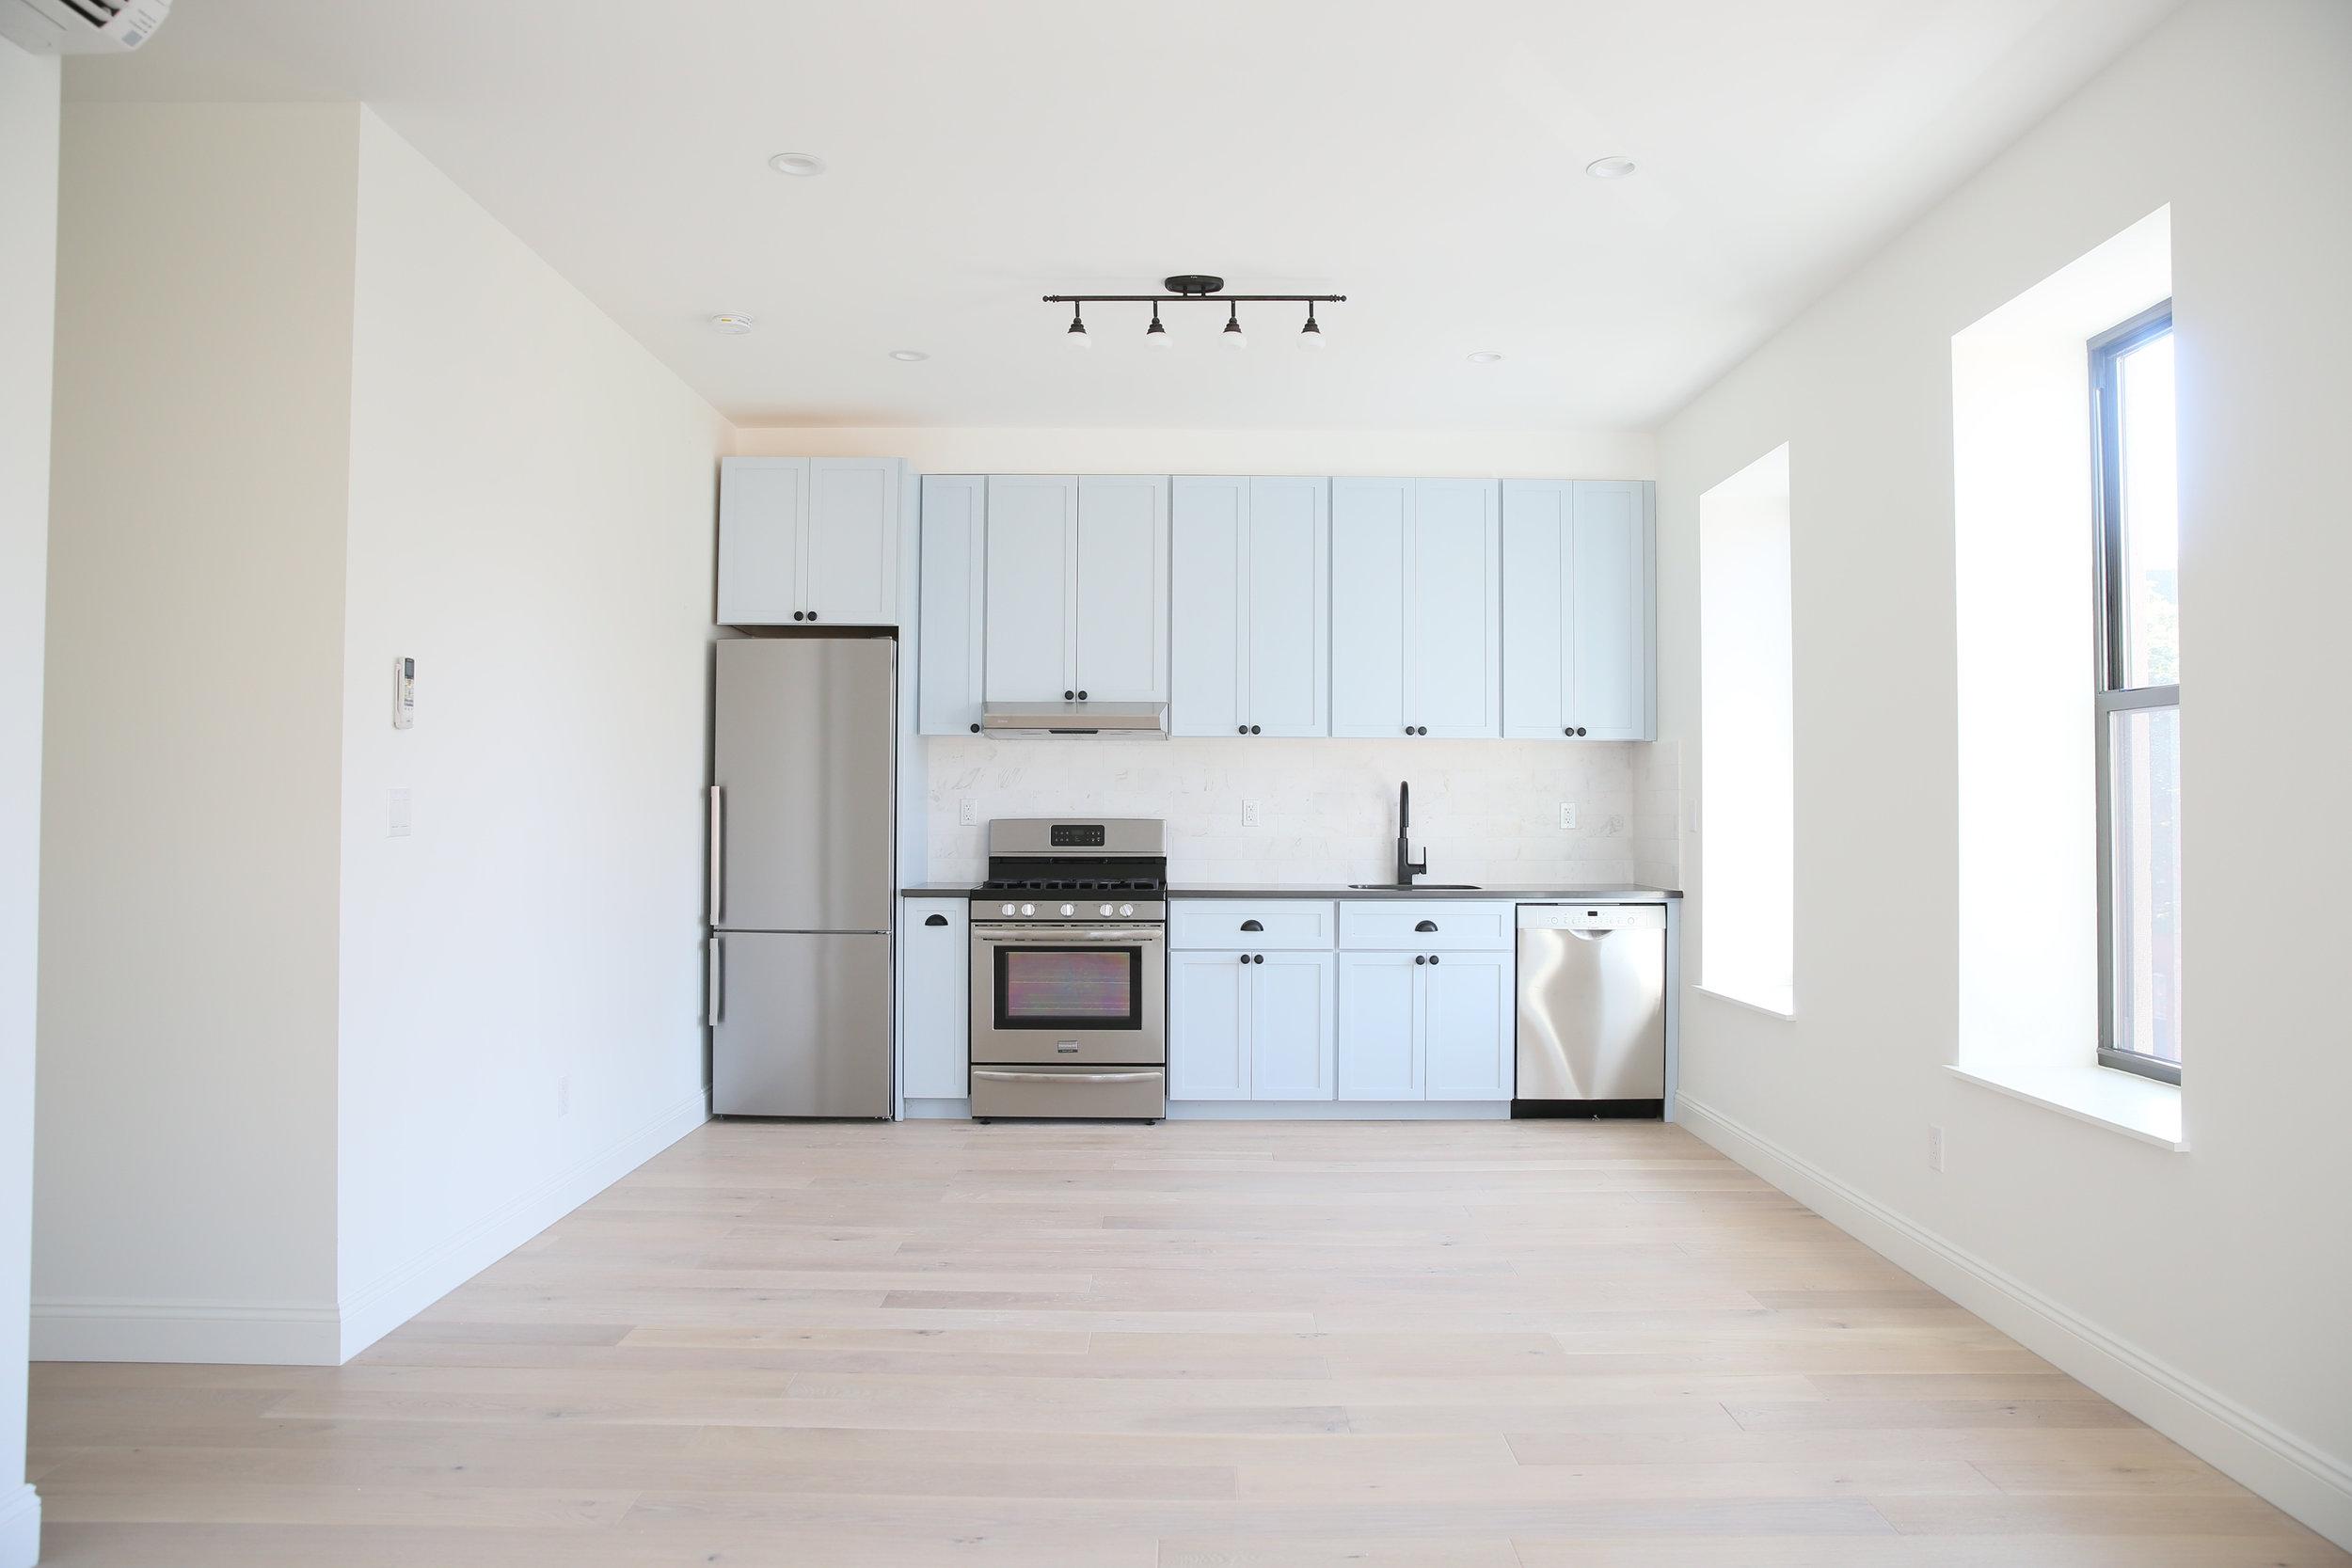 10 apt 2 kitchen.jpg